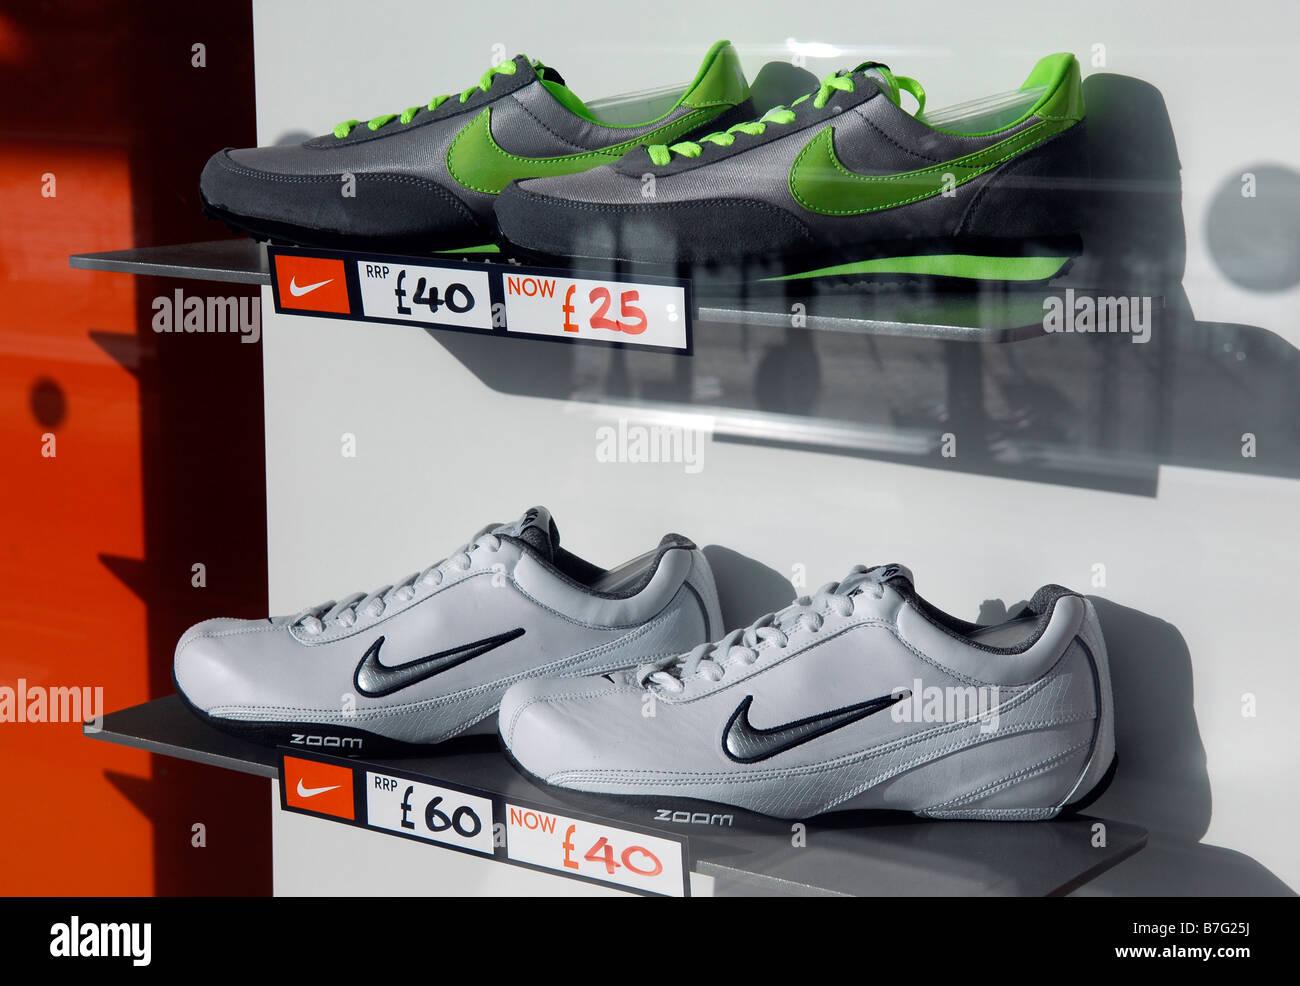 Nike Trainer calzature scarpe da ginnastica la finestra di visualizzazione  ridotti azienda americana di moda negozio 6c2bdd6cbe6